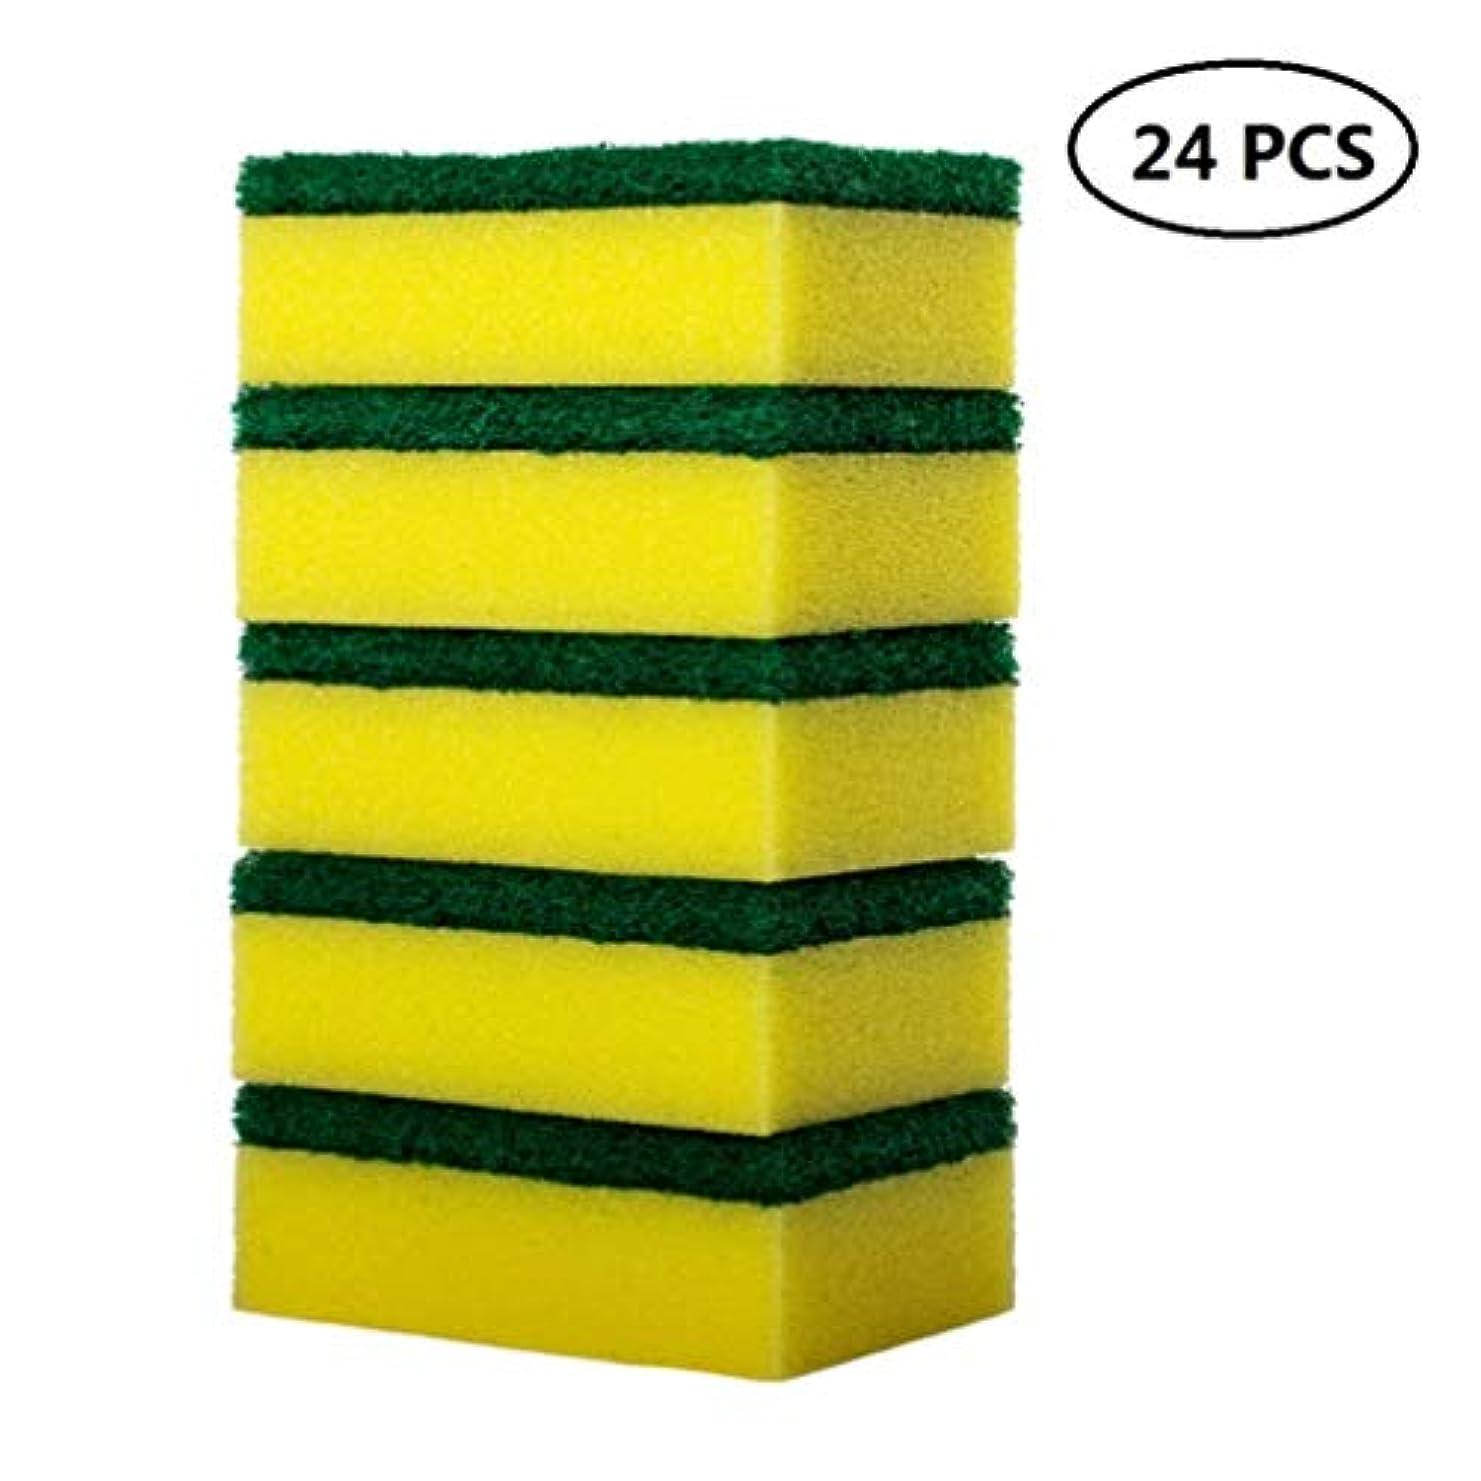 癒す平らな無駄なBESTONZON 24ピーススポンジ精練パッド食器洗いスポンジキッチンクリーニングナノコットン洗浄ポットブラシ(黄色+緑)